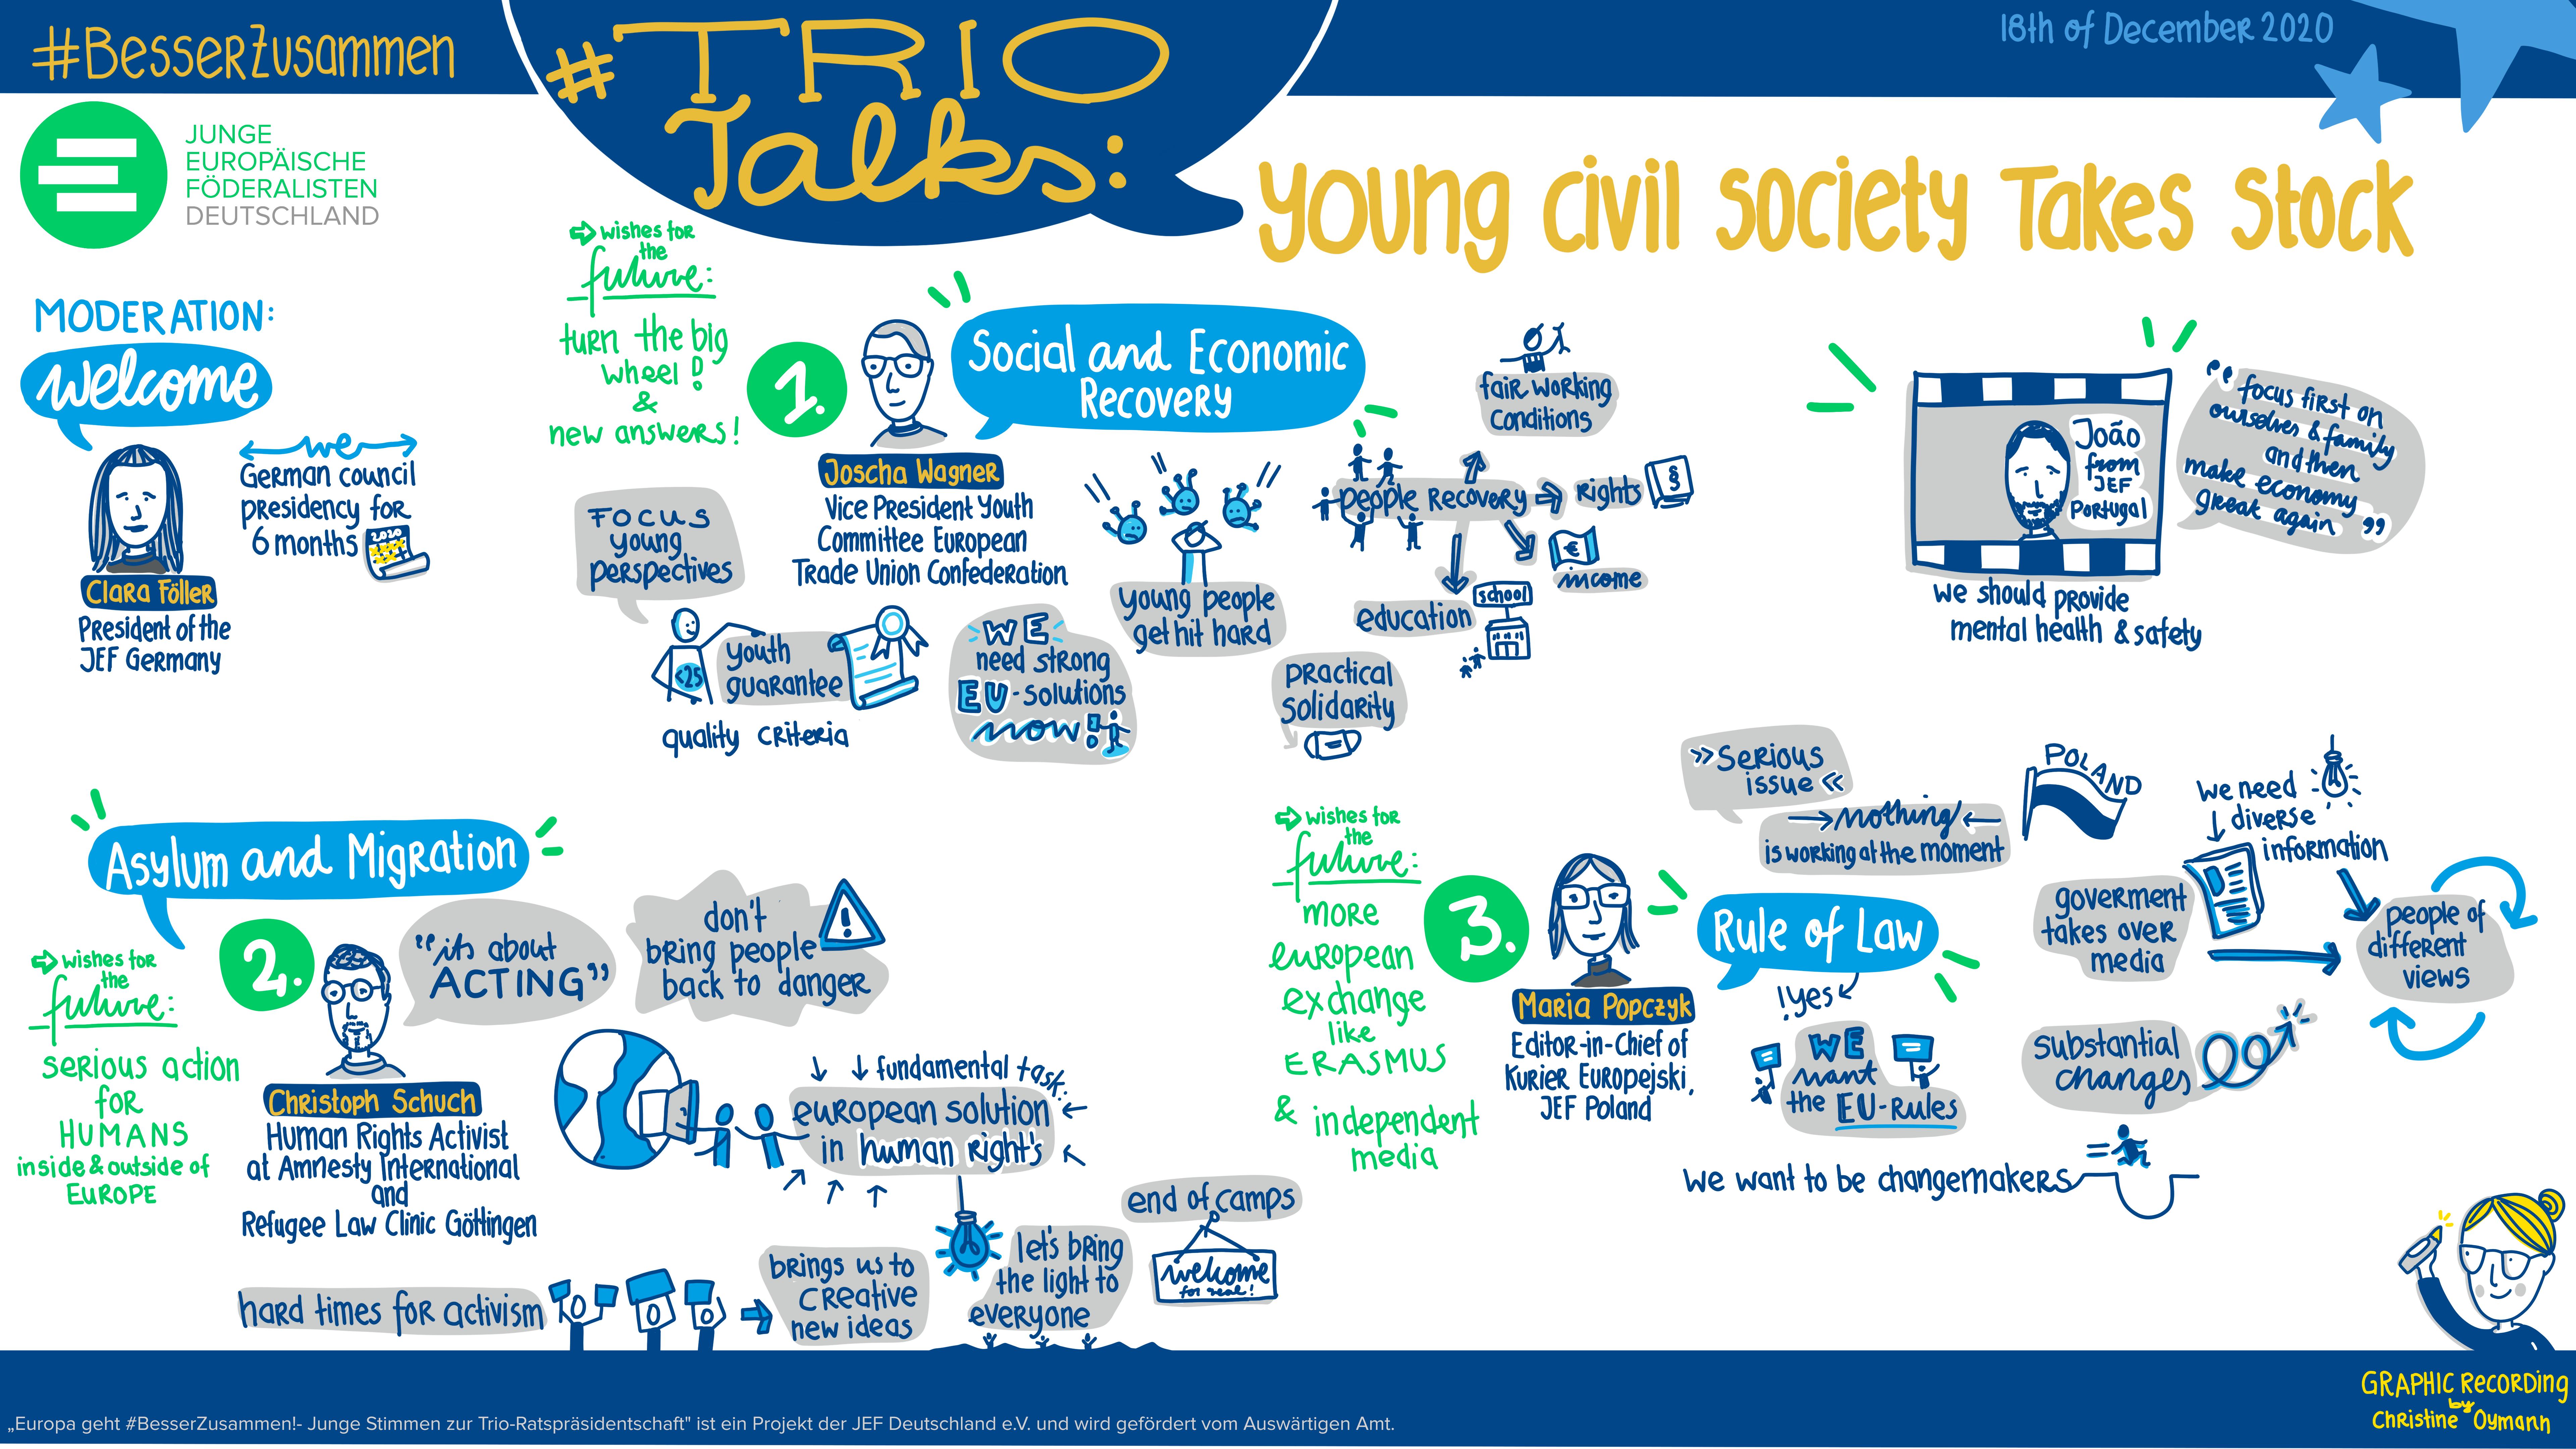 Trio Talks: Die Junge Zivilgesellschaft zieht Bilanz!